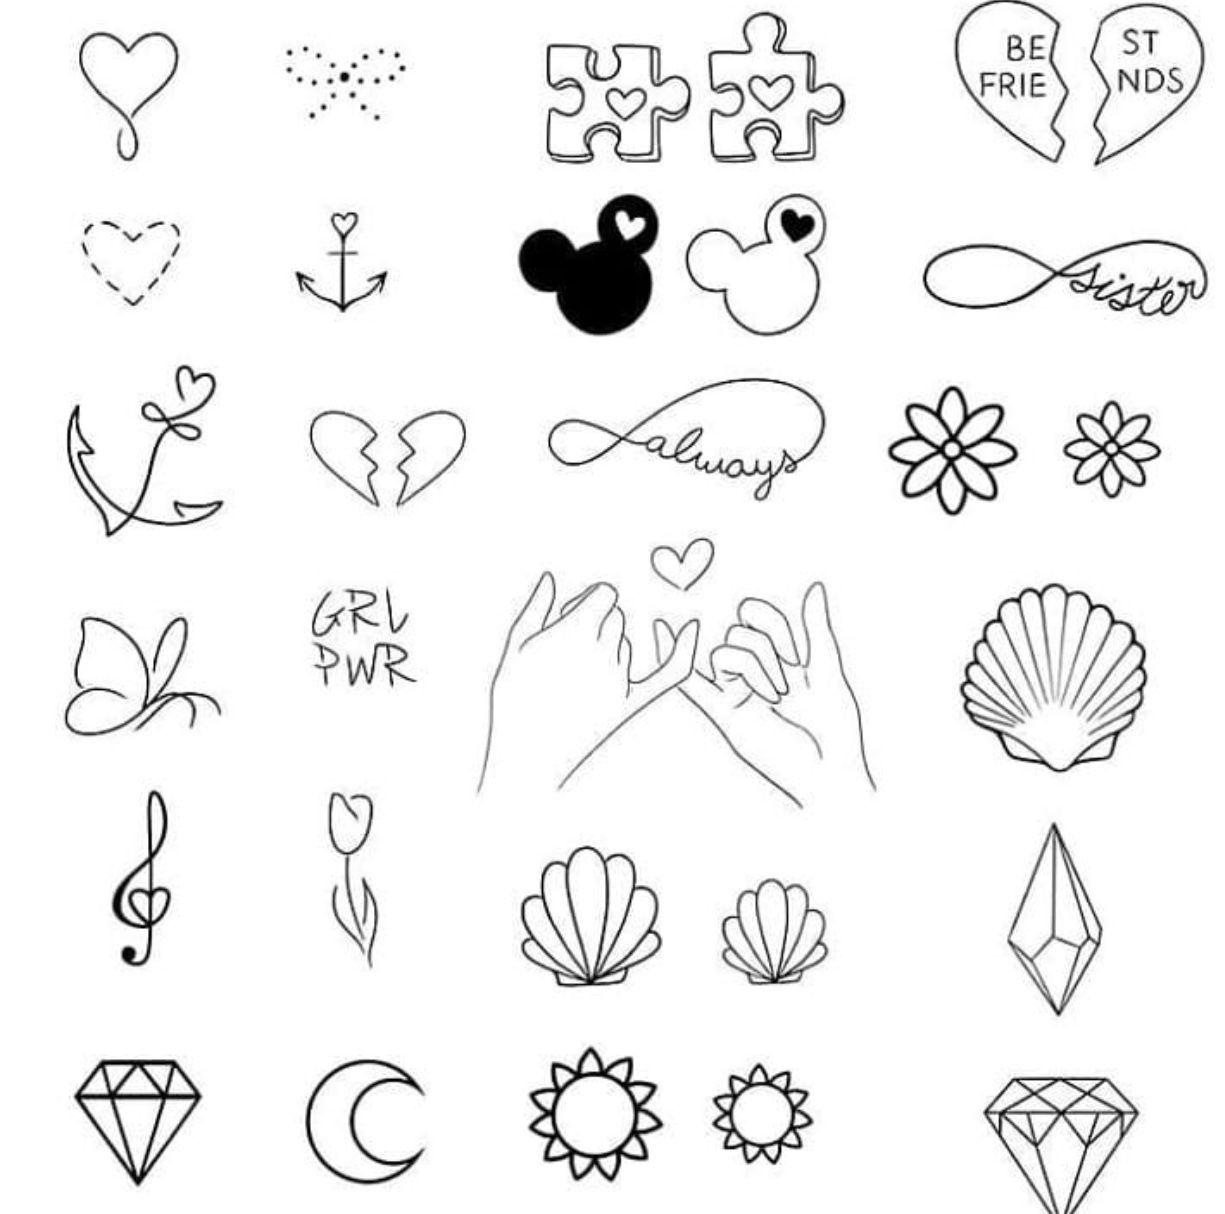 Tatuagem In 2020 Doodle Tattoo Sharpie Tattoos Bff Tattoos